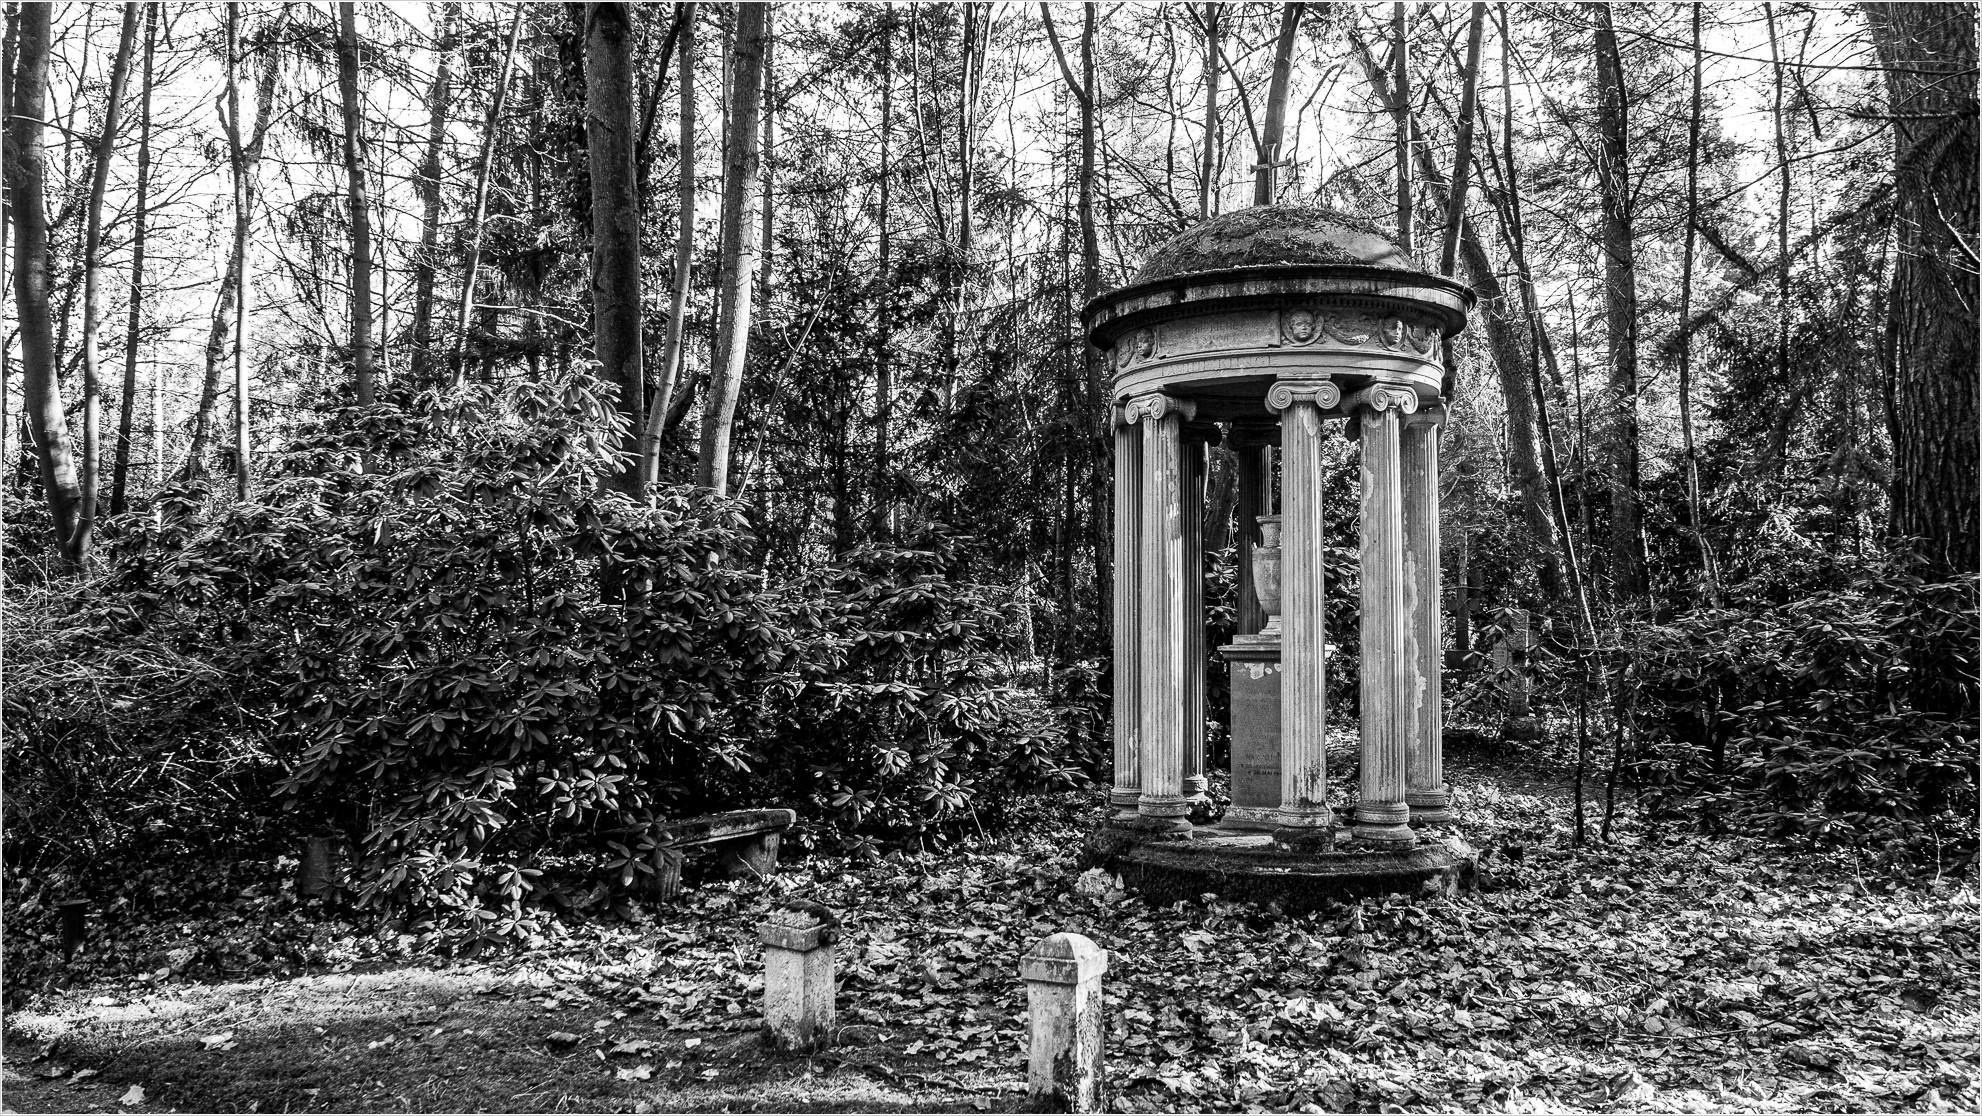 Grabstätte auf Berliner Friedhof